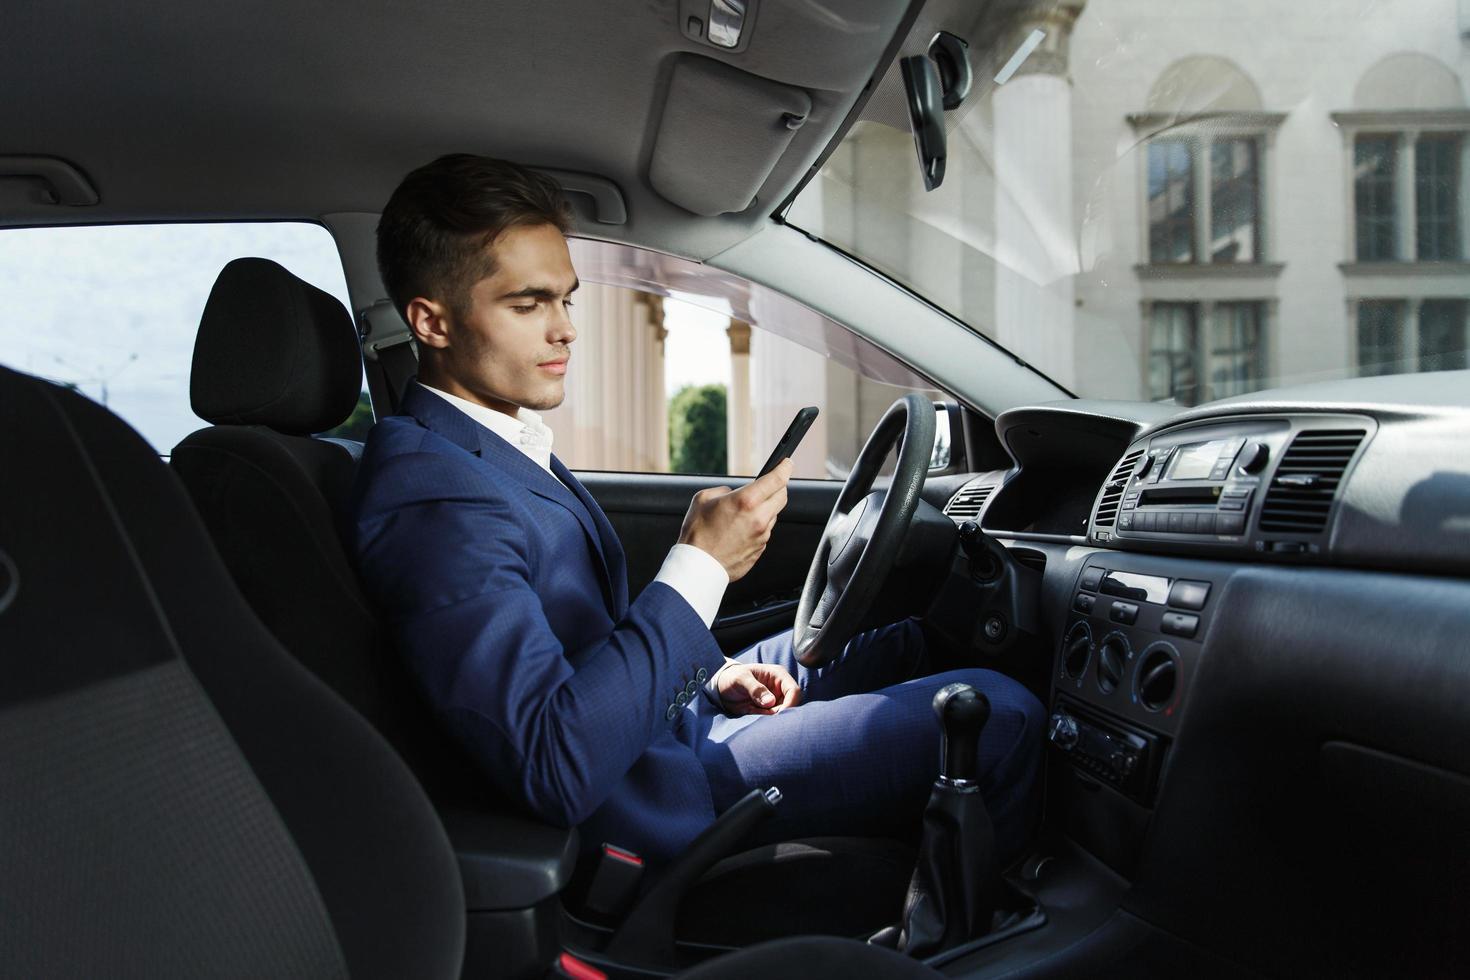 man zijn telefoon in de auto controleren foto